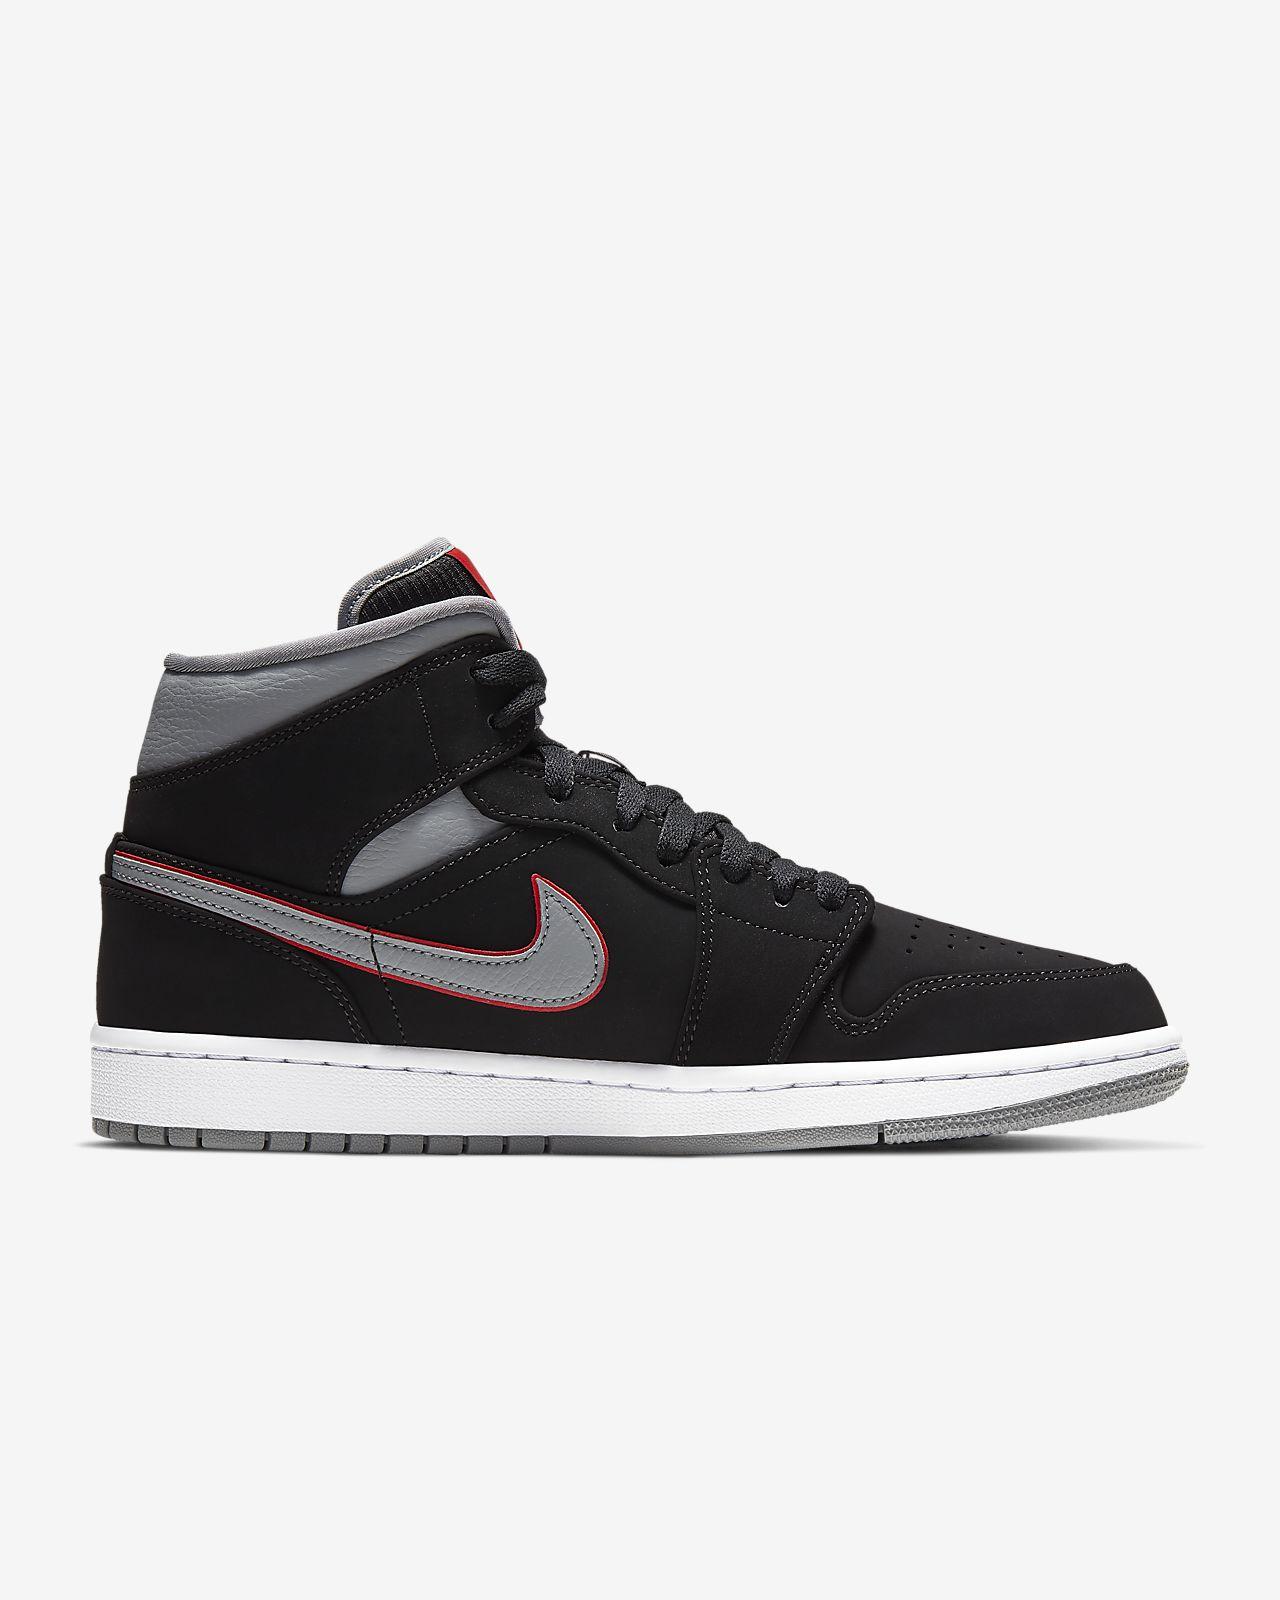 new product 5c616 2871d ... Calzado para hombre Air Jordan 1 Mid